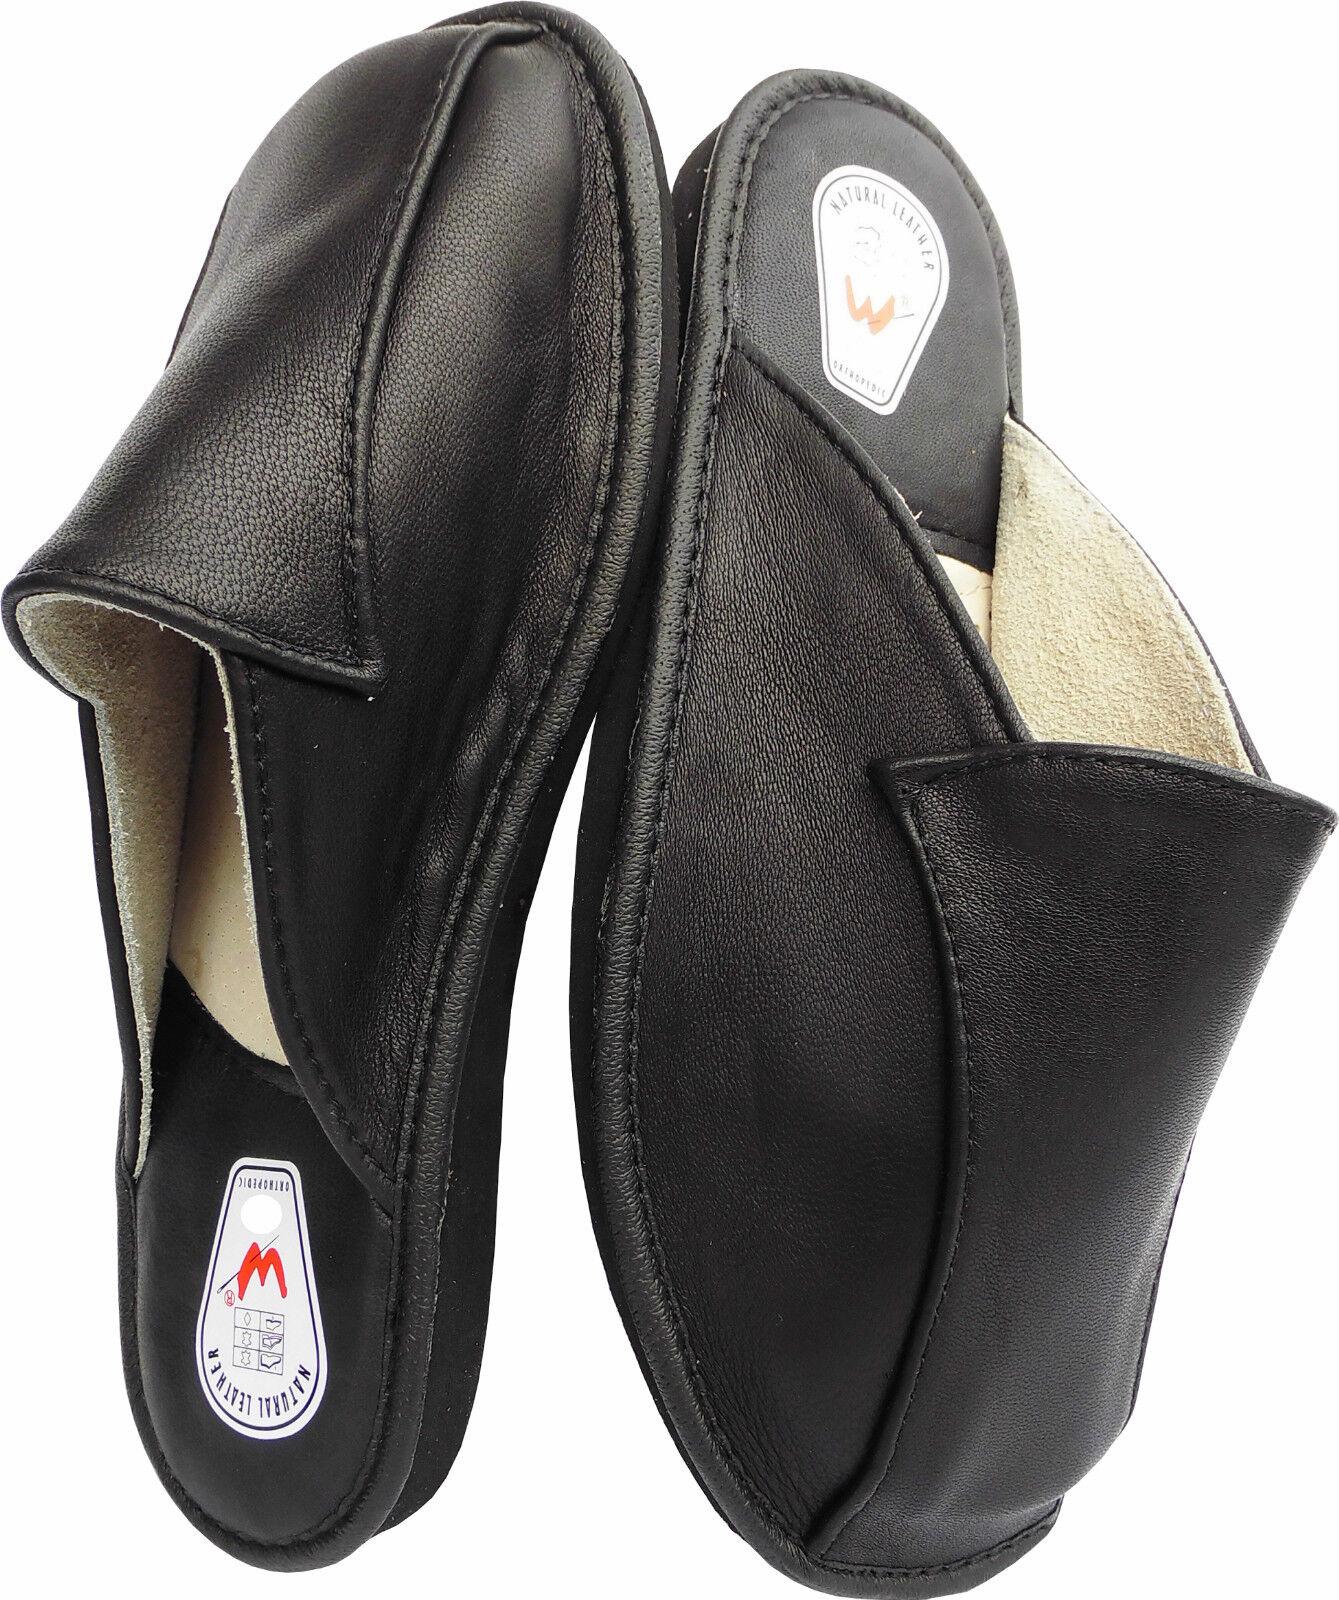 Hausschuhe - Latschen - Pantoffeln Poland Gr.40 Echt LEDER (Made in Poland Pantoffeln 4-11-4-79) b745d7